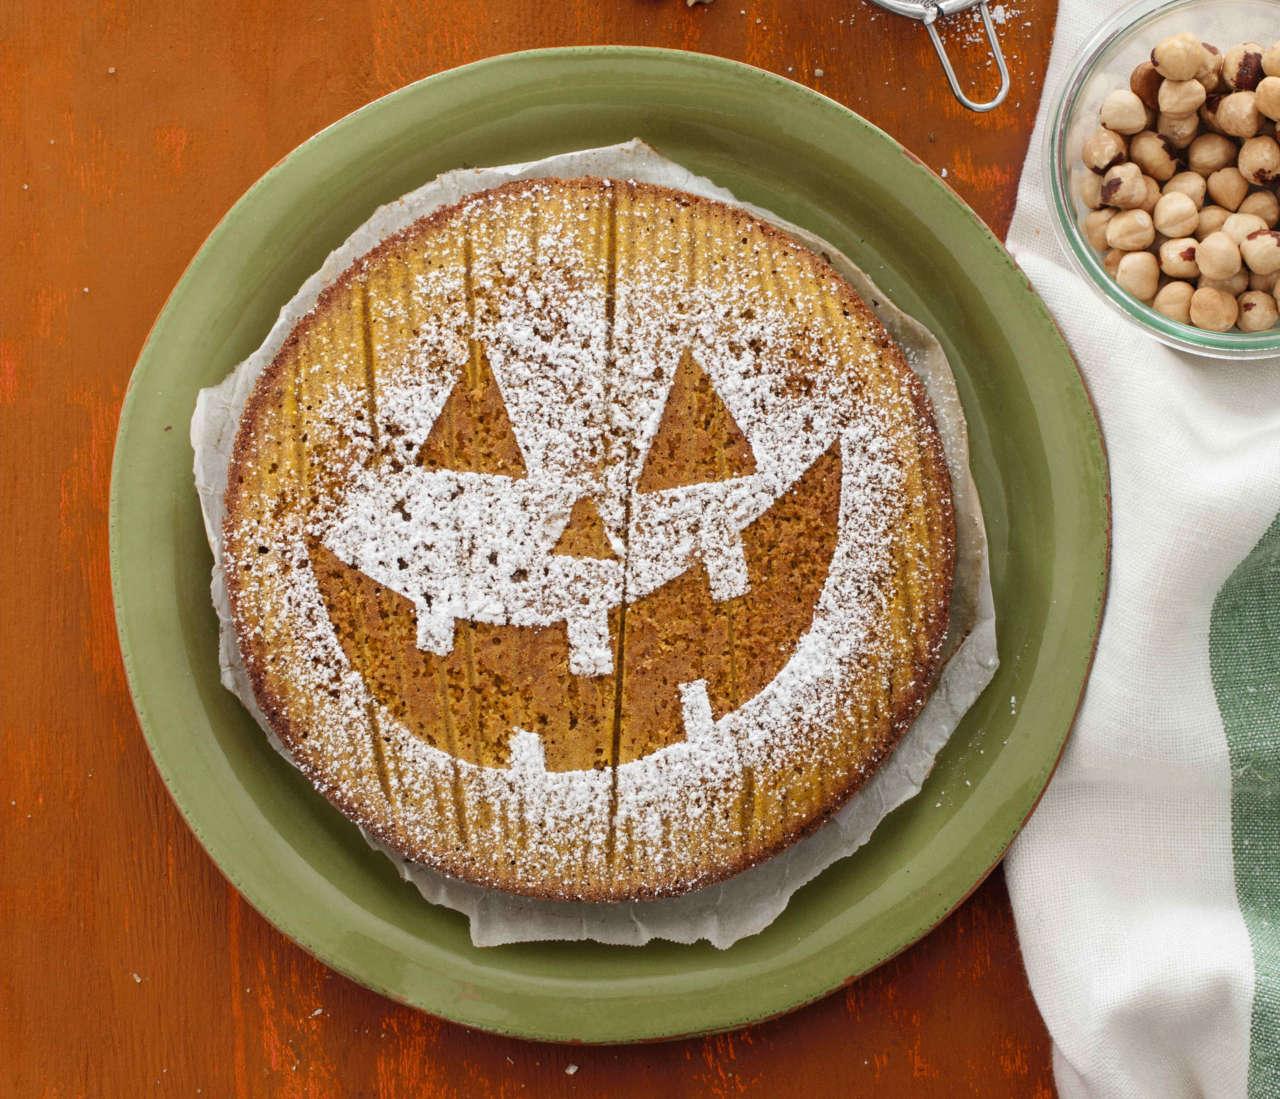 Torta di Halloween con zucca e nocciole - Cucina Naturale c081503471f9